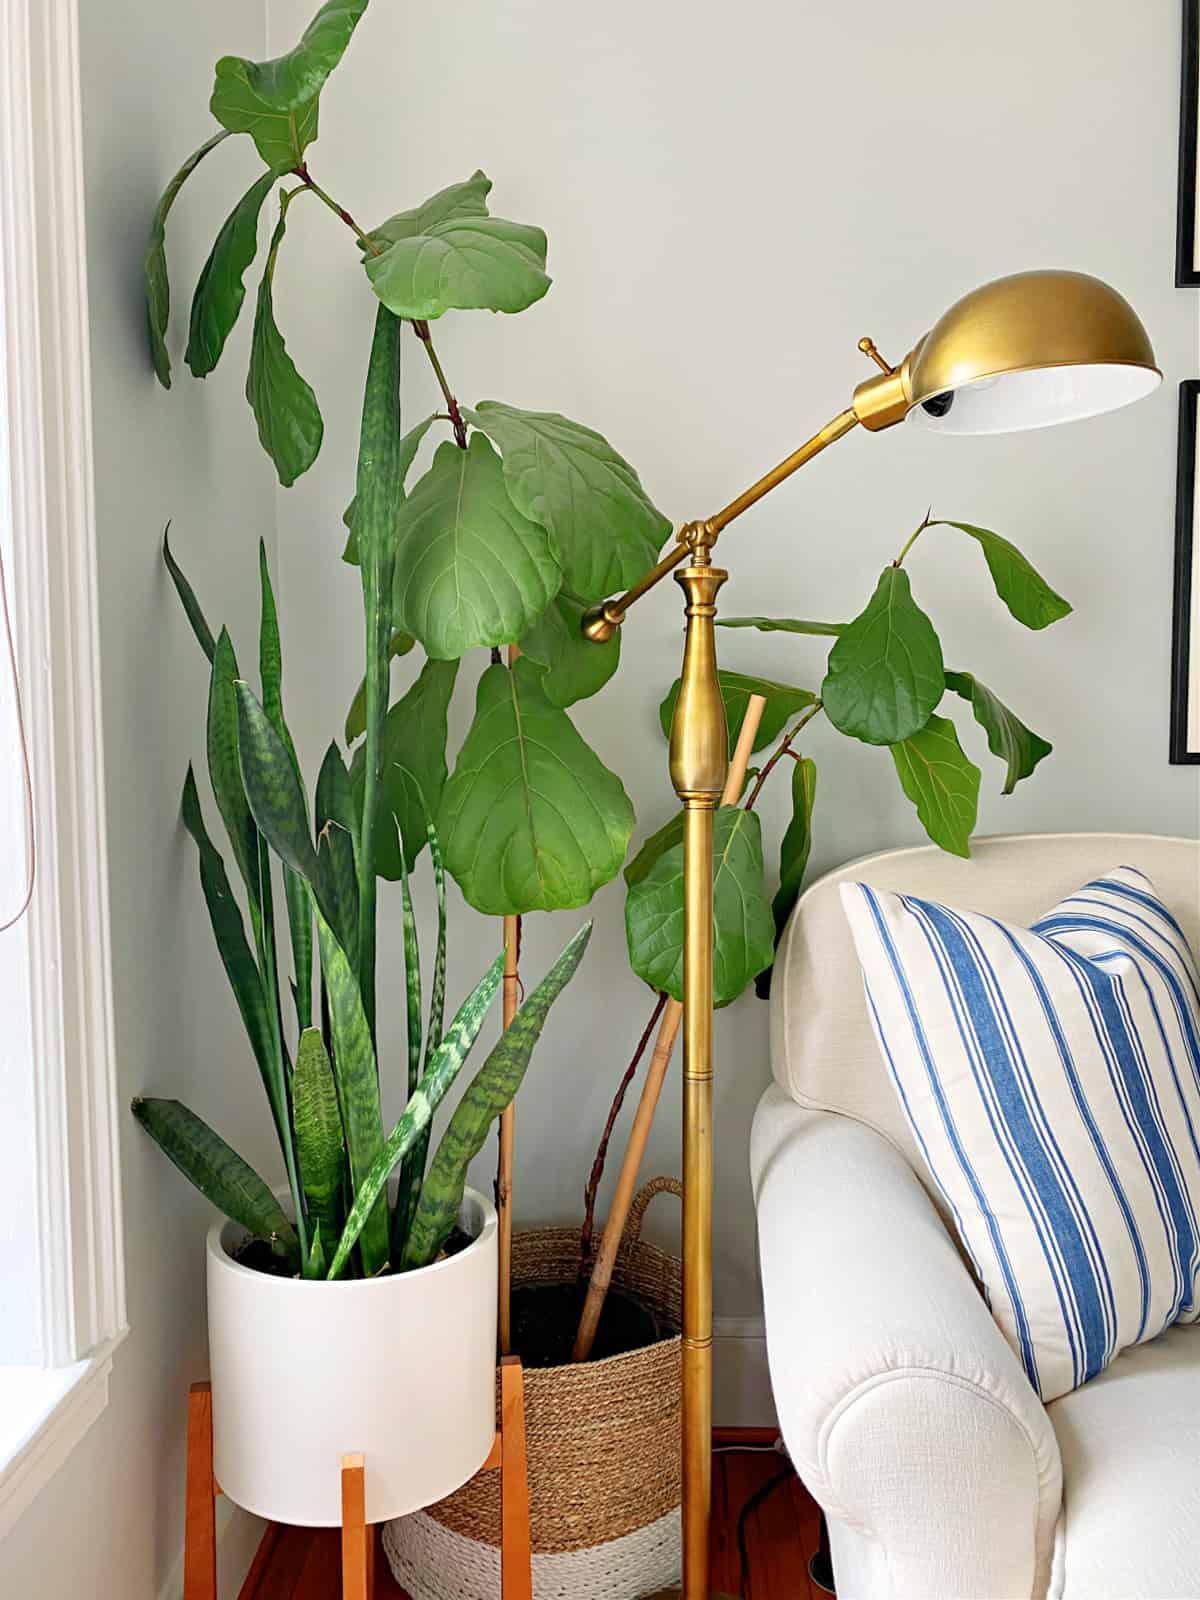 fiddle leaf  fig and snake plant in corner of living room